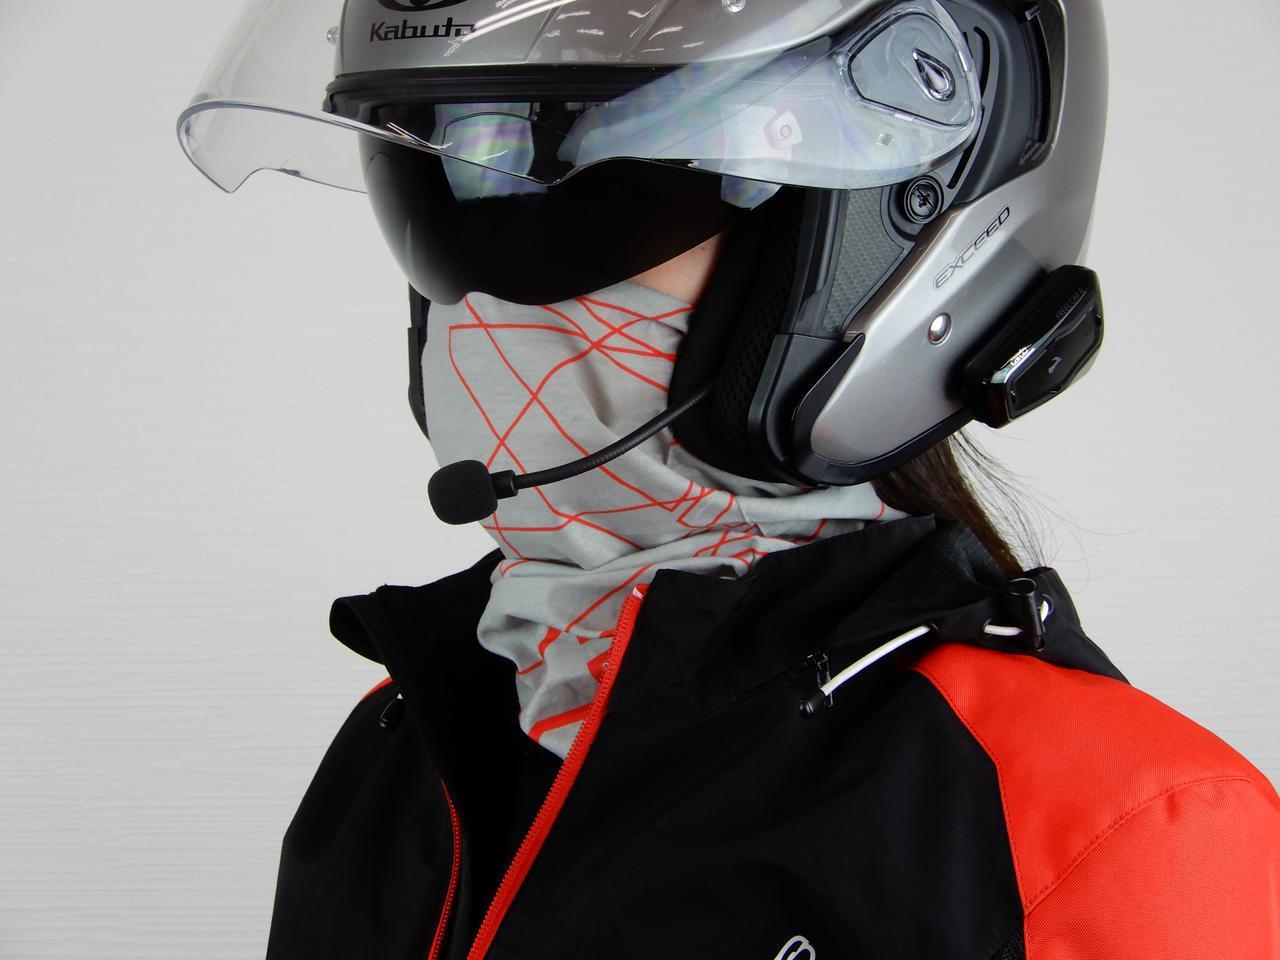 画像: マスクの代用品にもなる!? バリエーションは合計11種、アルパインスターズから「ネックチューブ」が販売開始 - webオートバイ